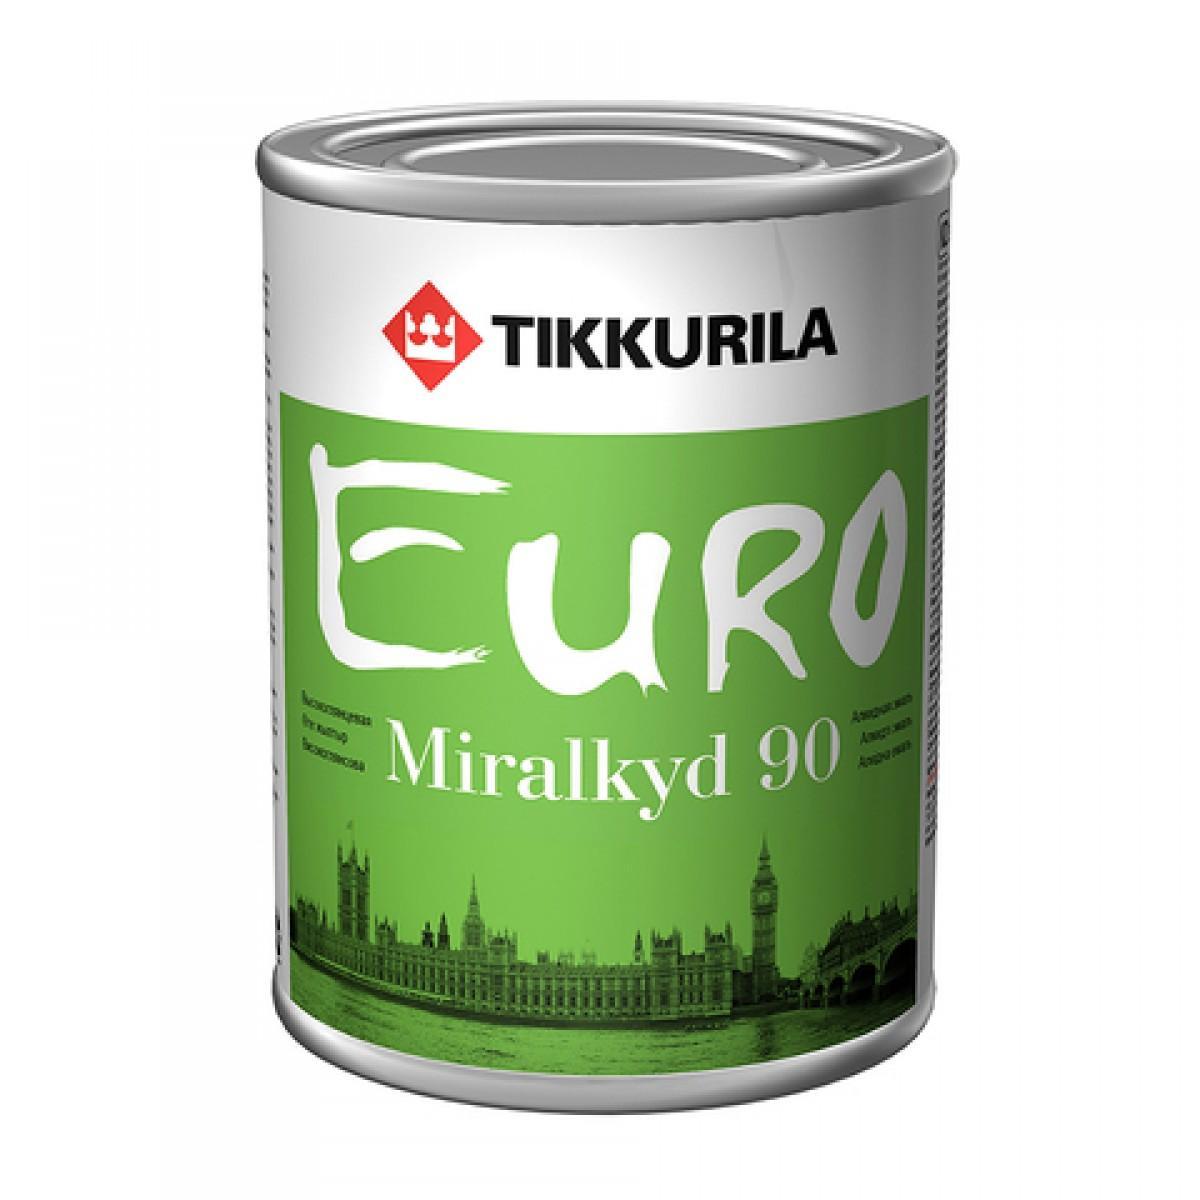 Евро Миралкид 90 – универсальная алкидная эмаль